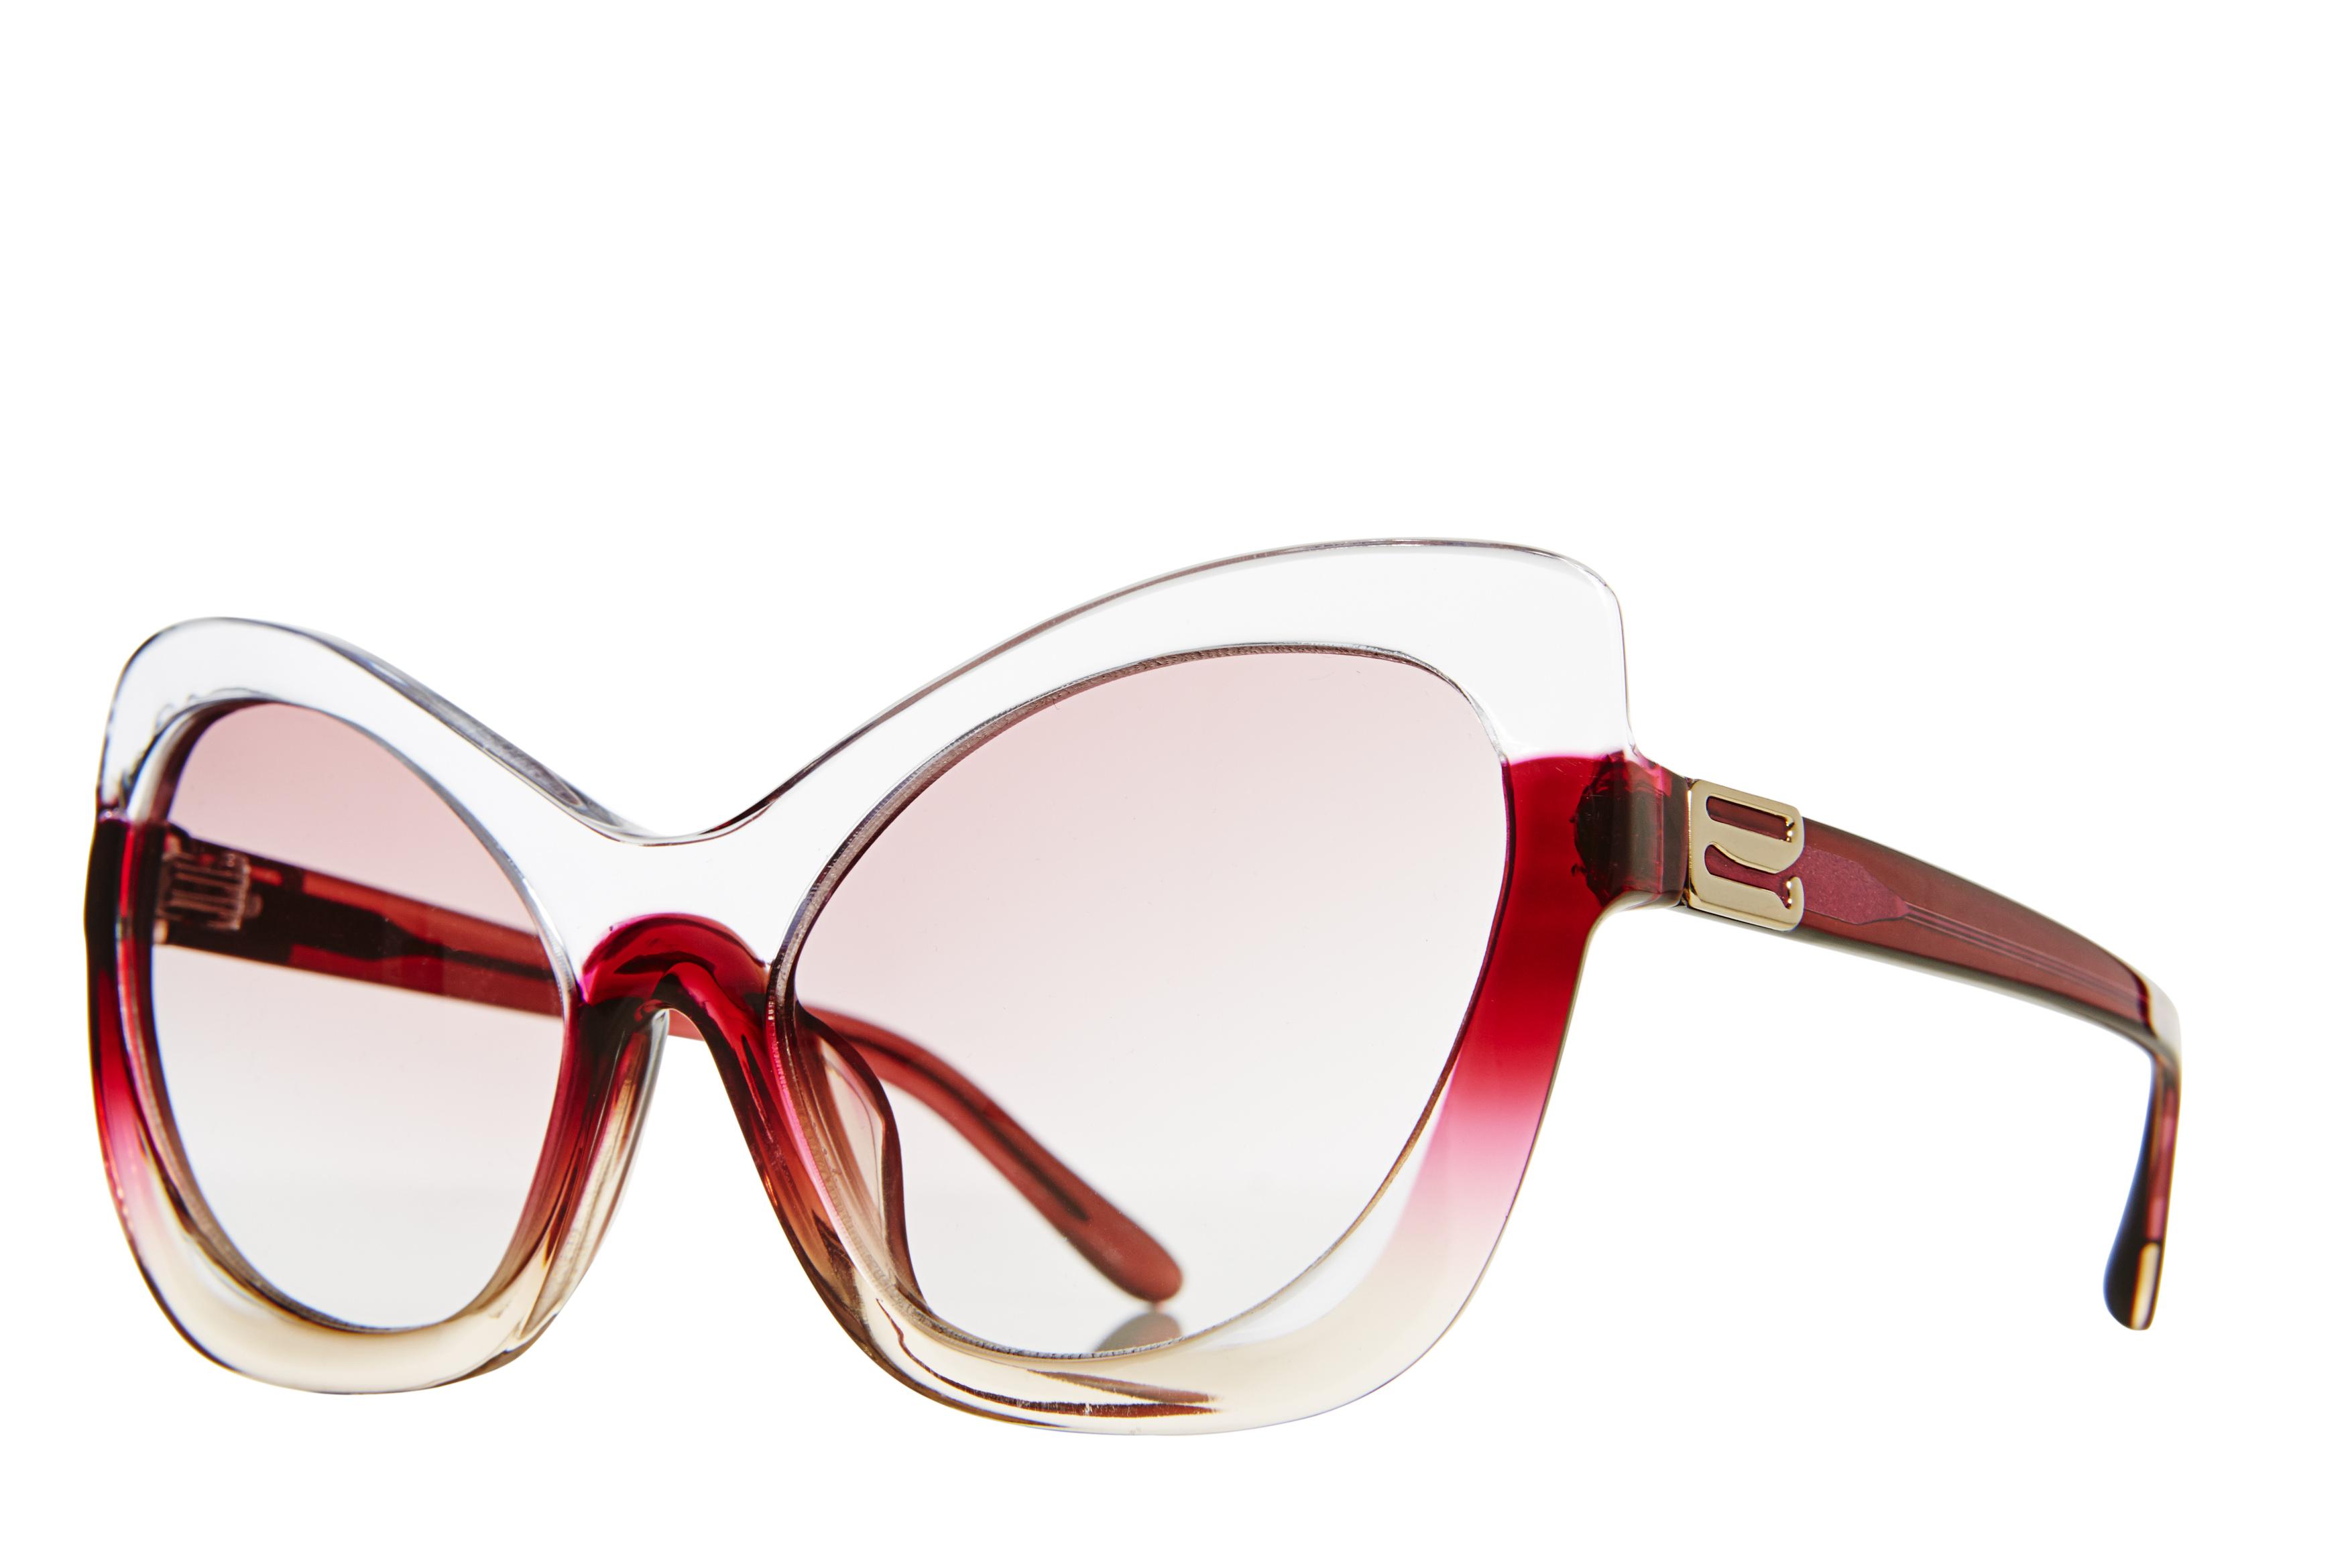 La Perla Sunglasses Diva_0021733 (2)